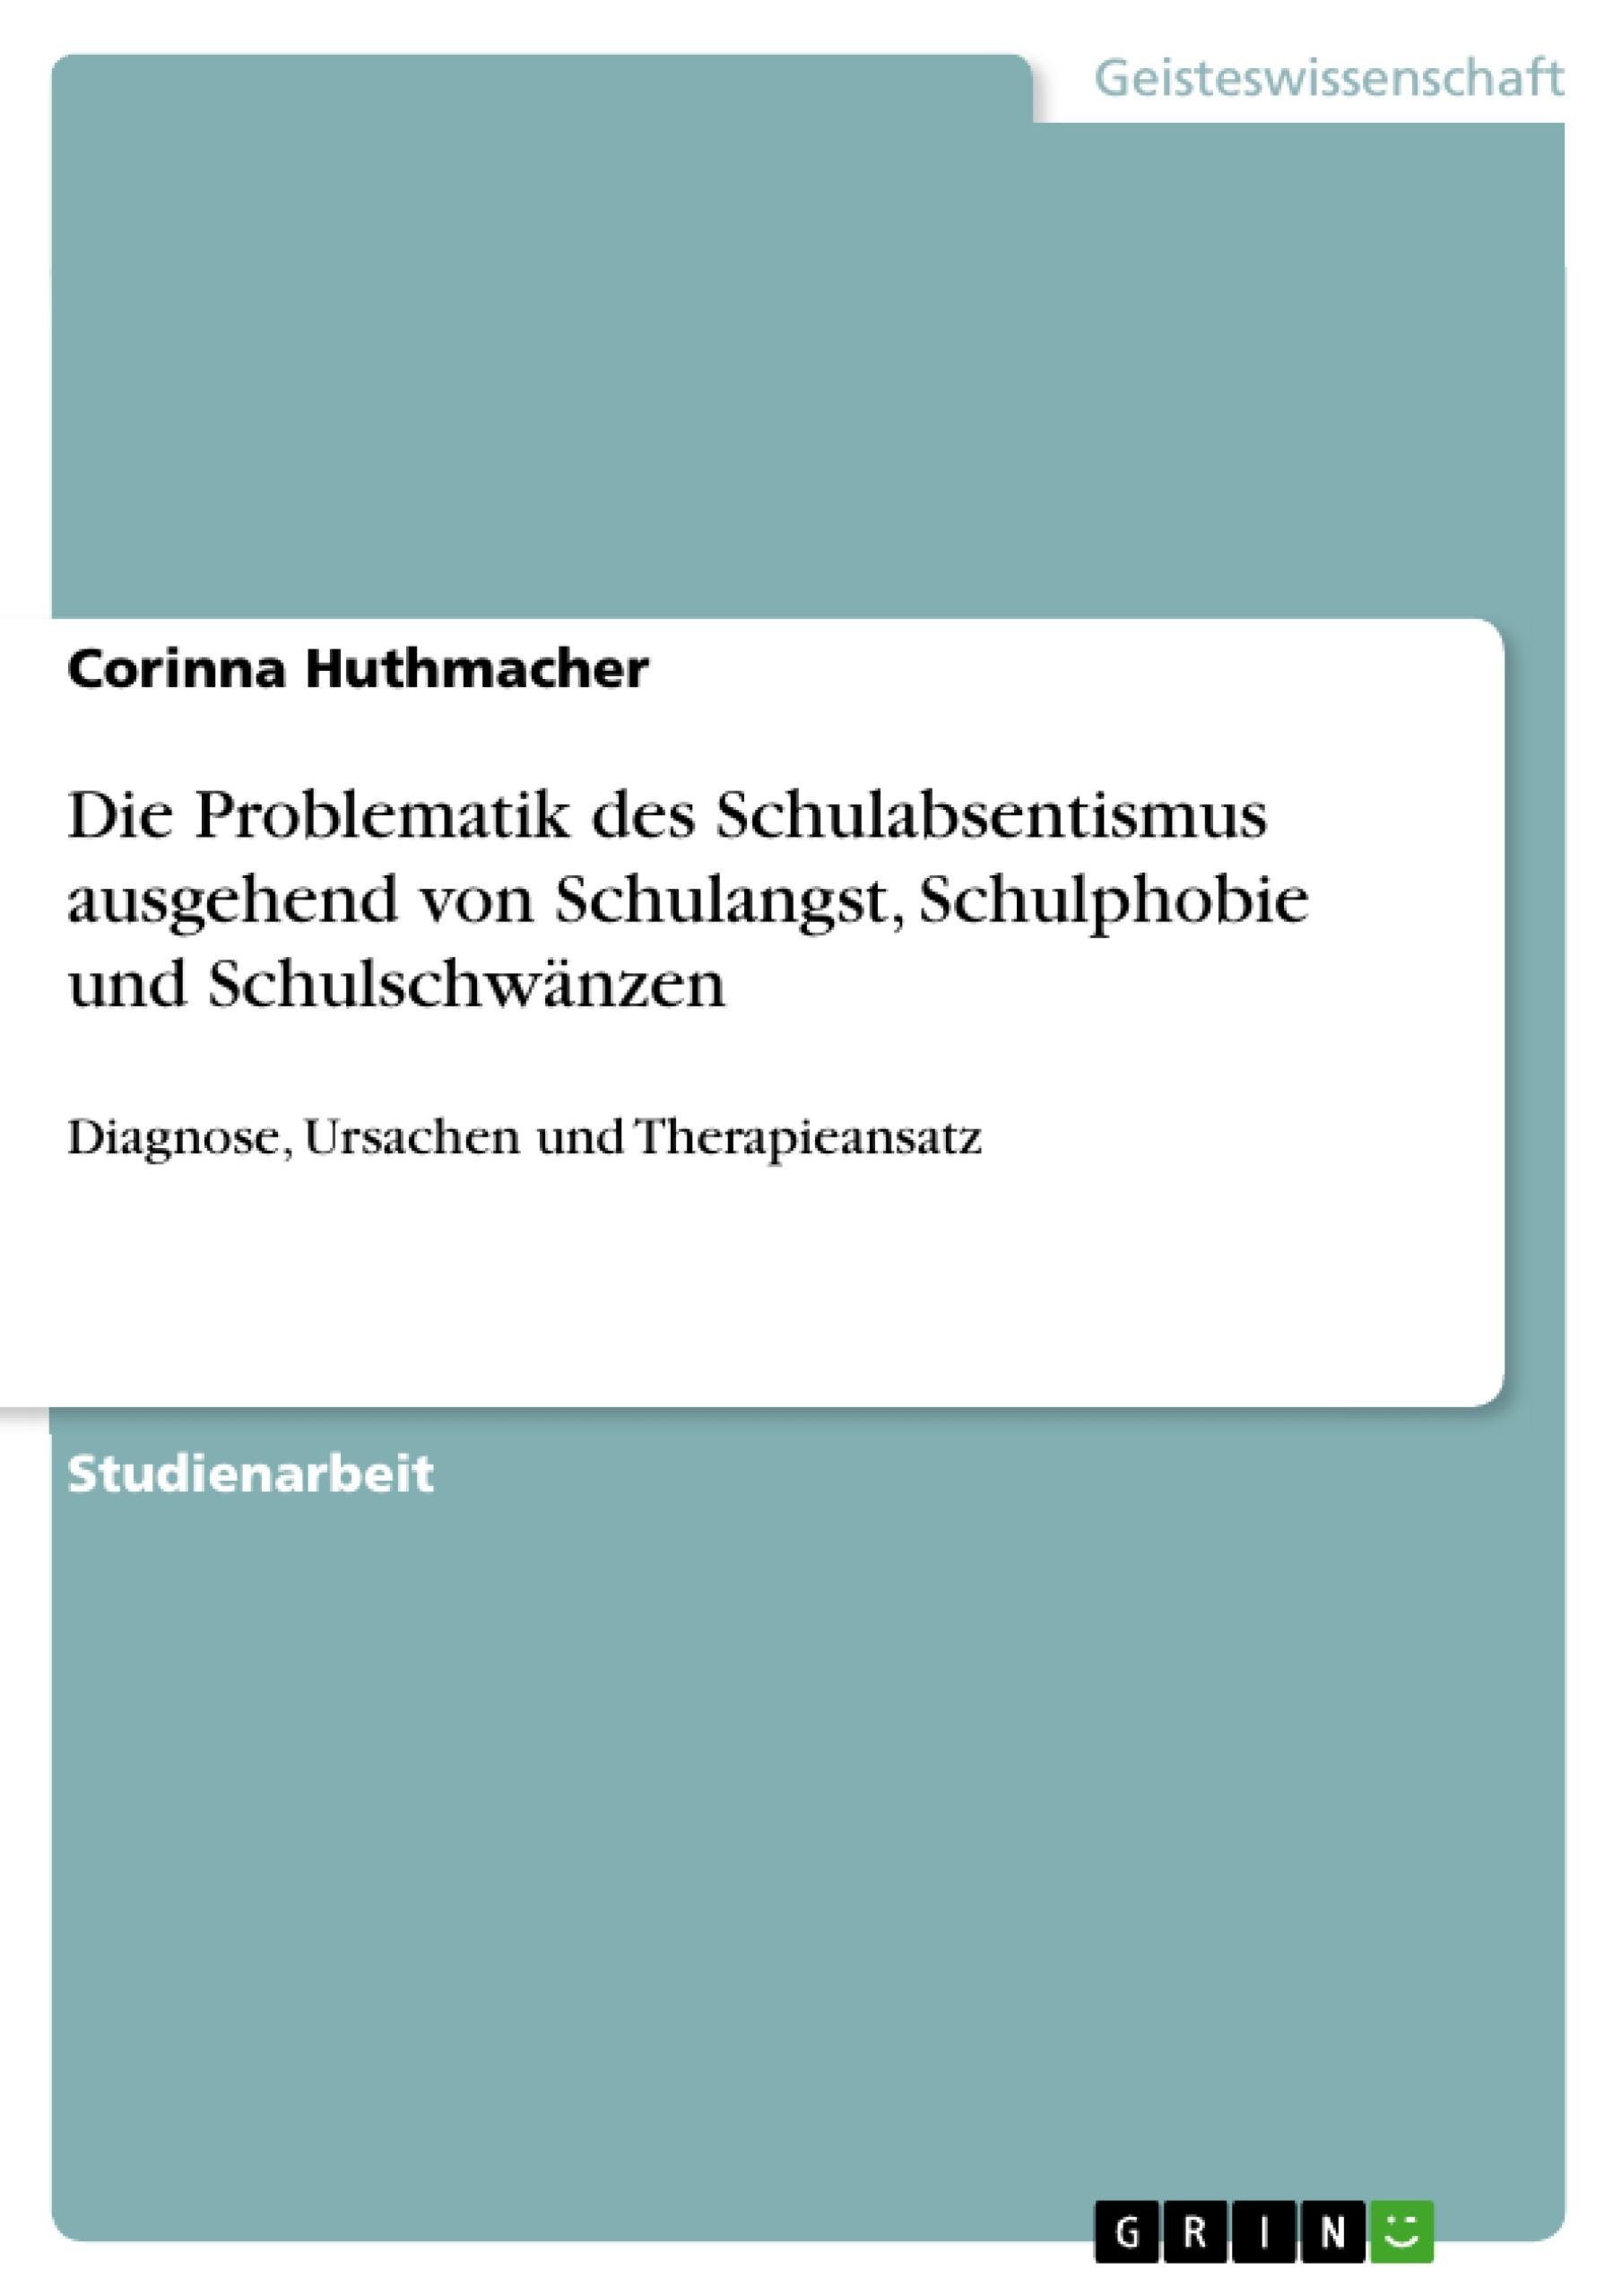 Titel: Die Problematik des Schulabsentismus ausgehend von Schulangst, Schulphobie und Schulschwänzen